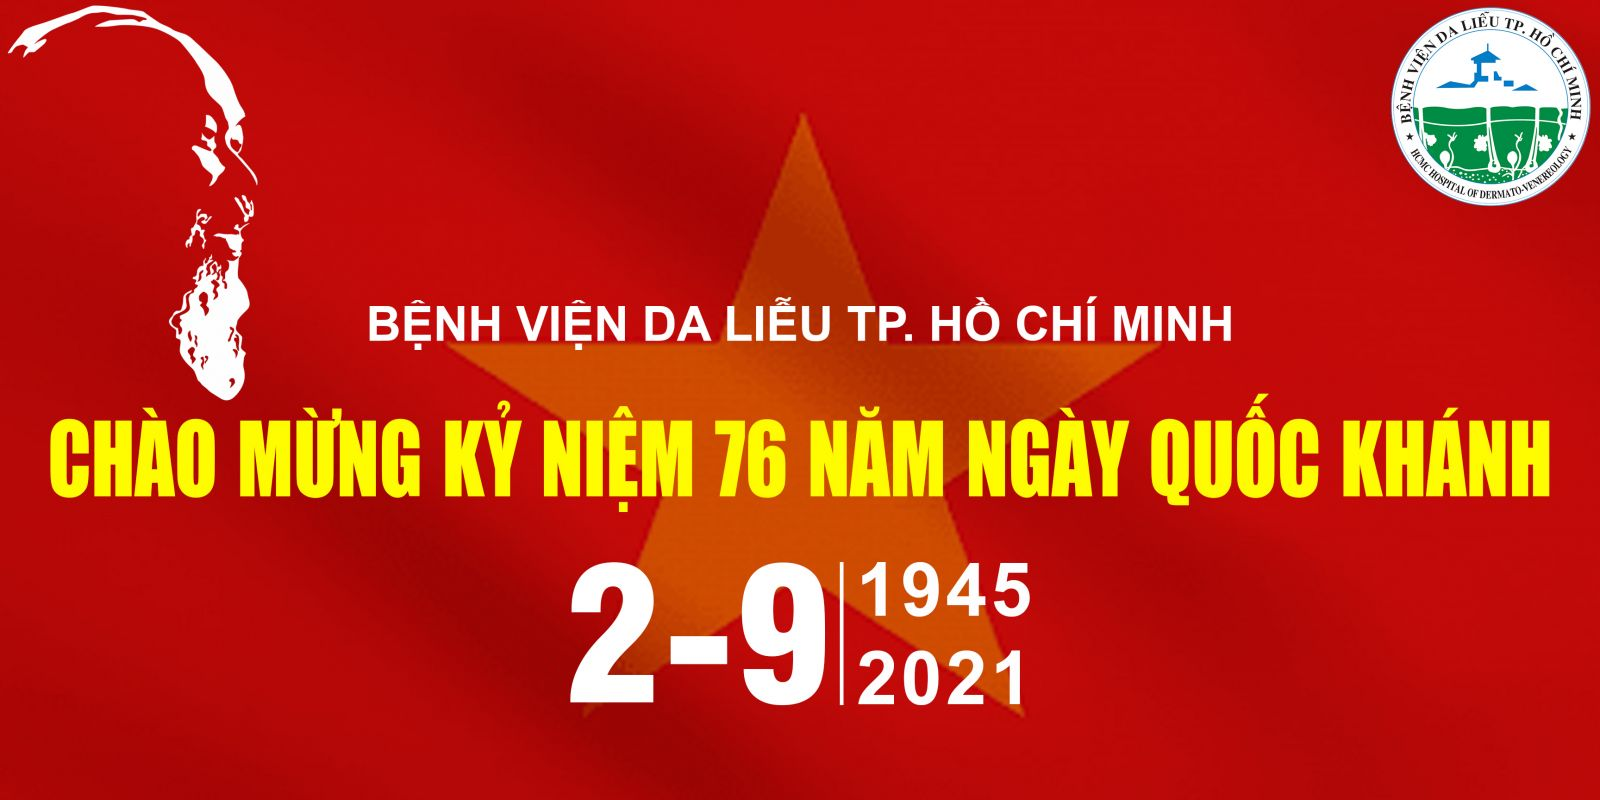 ky-niem-quoc-khanh-2021